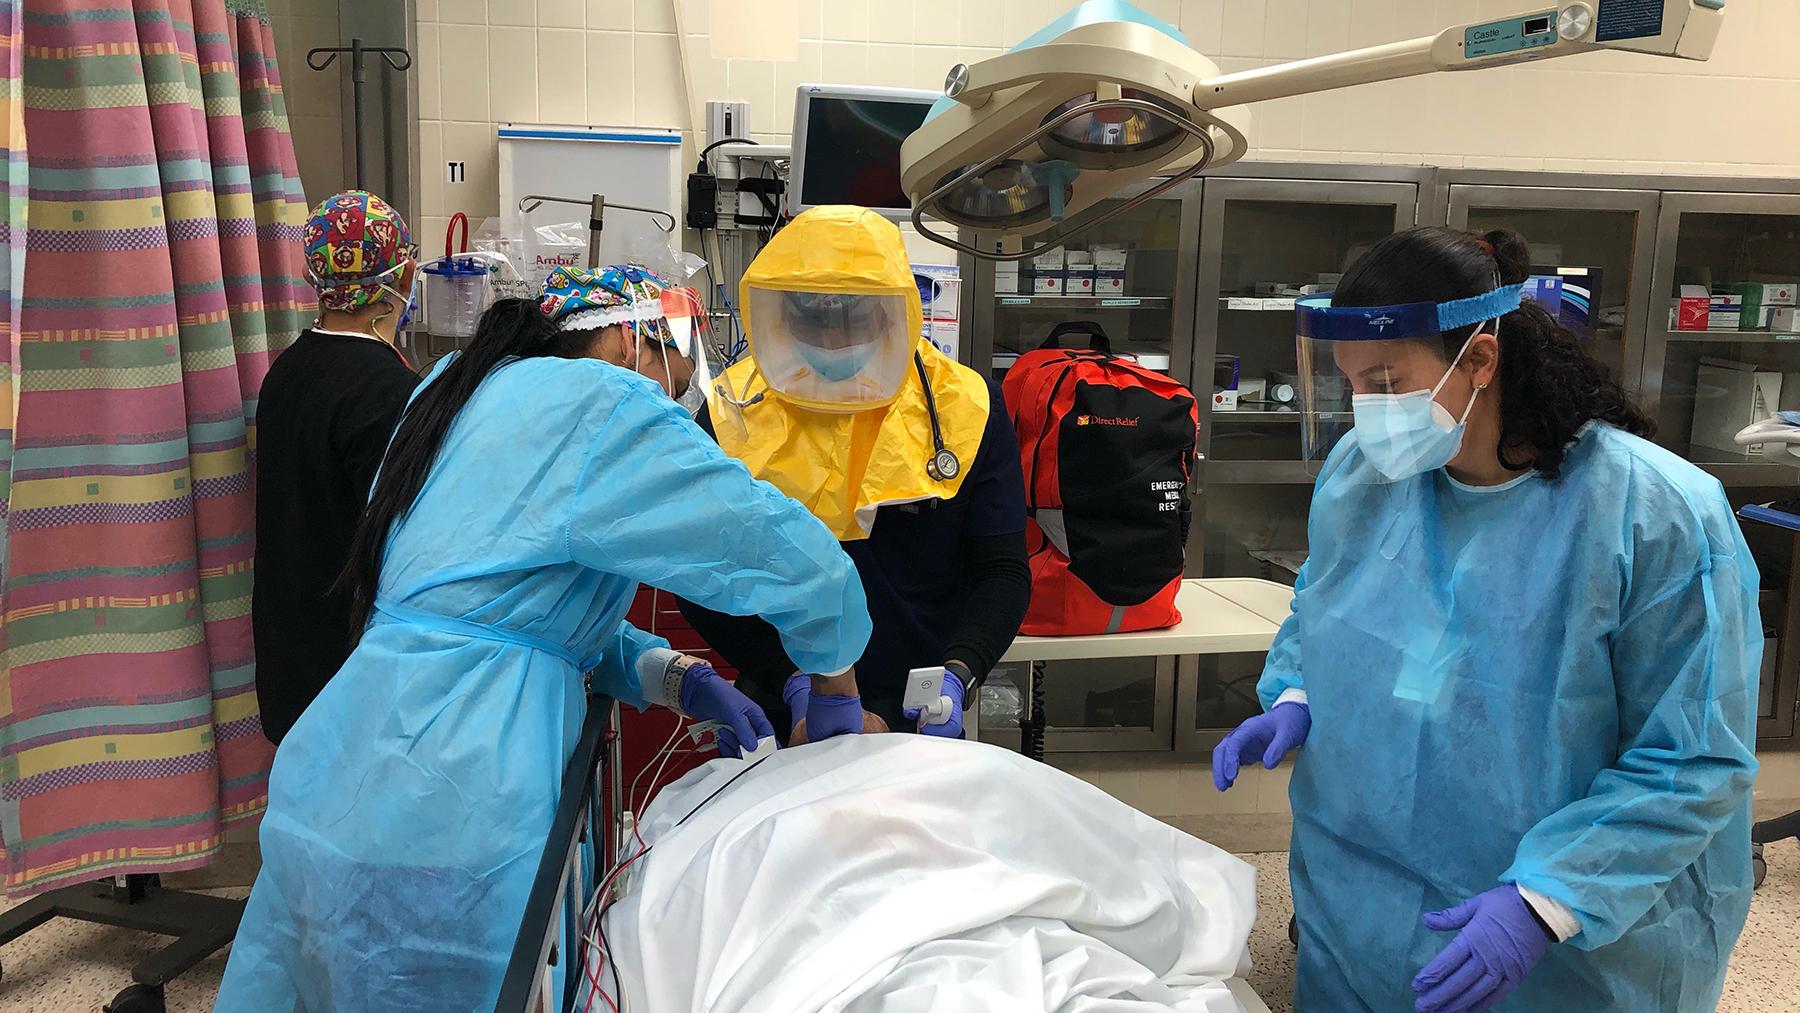 Un equipo médico del Hospital San Lucas en Ponce, Puerto Rico trabajan en un paciente. El trabajador de salud a la cabeza del paciente usa un respirador motorizado purificador de aire. (Foto cortesía de Dr. Carlos García Goubern)